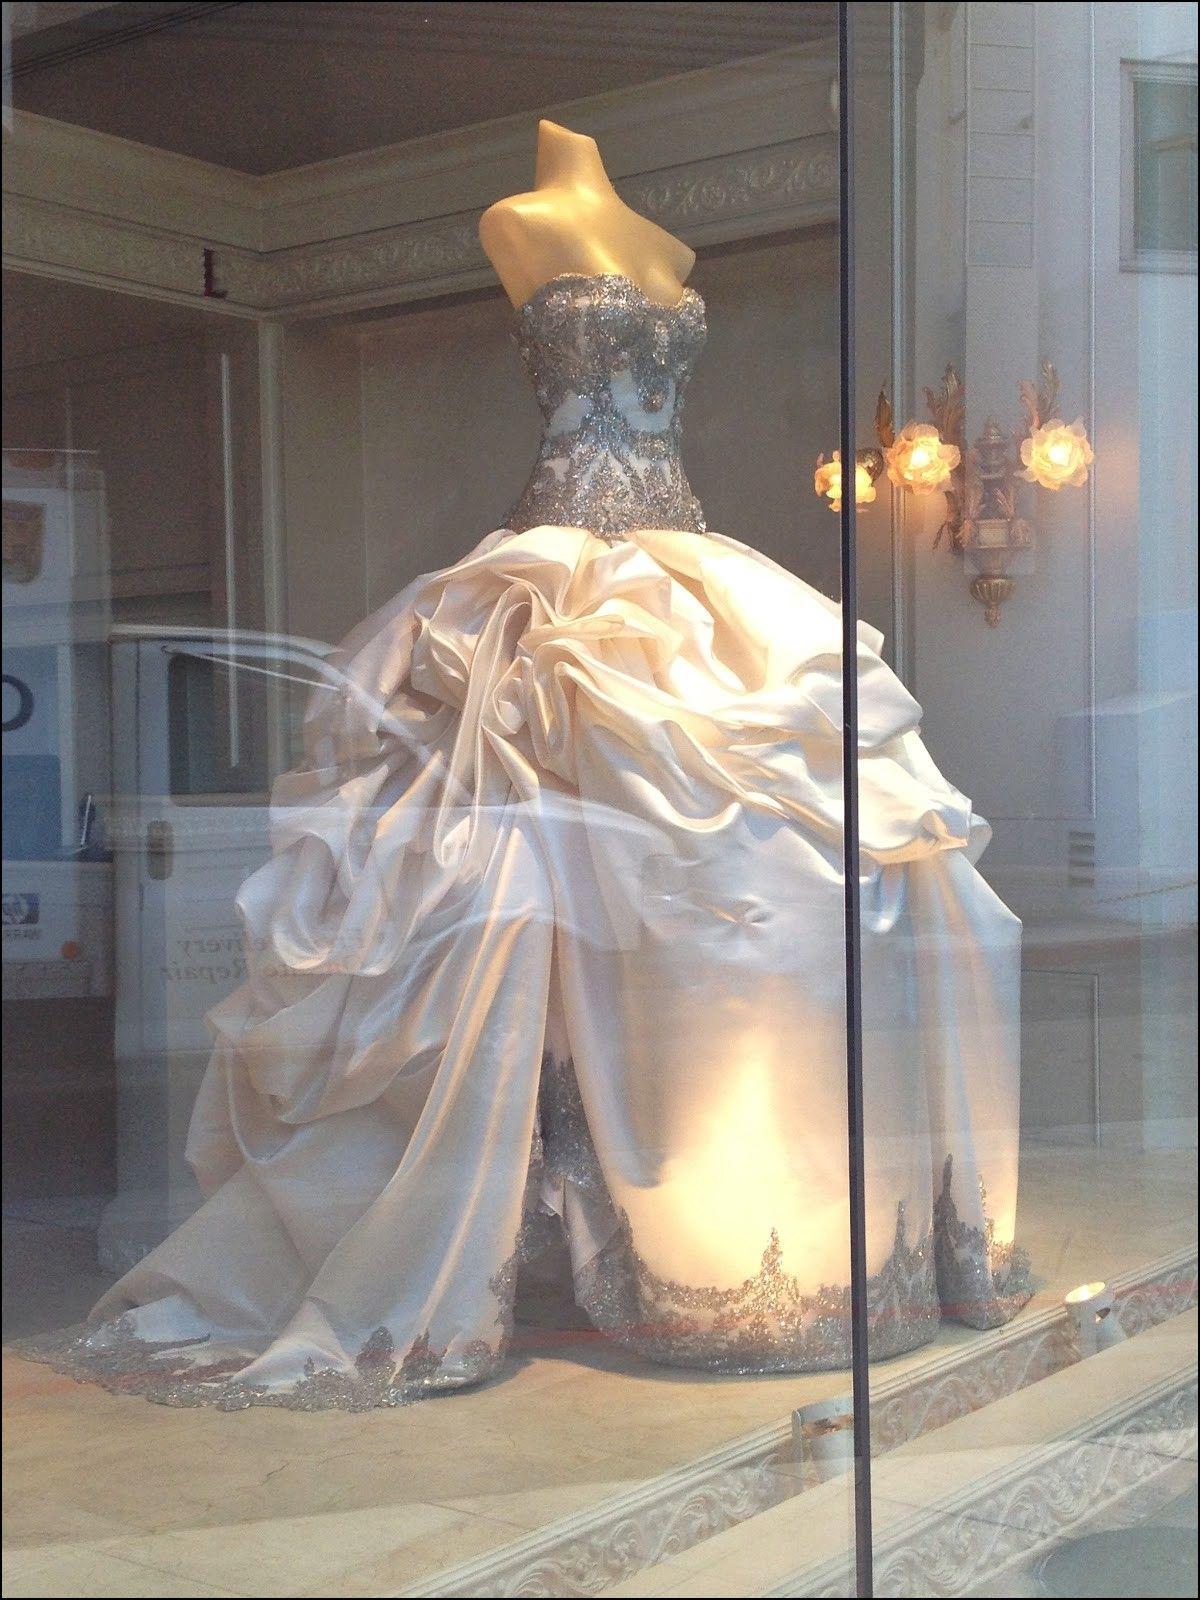 Baracci Wedding Gowns 2nd Wedding Dresses Unique Wedding Gowns Wedding Dress Gallery